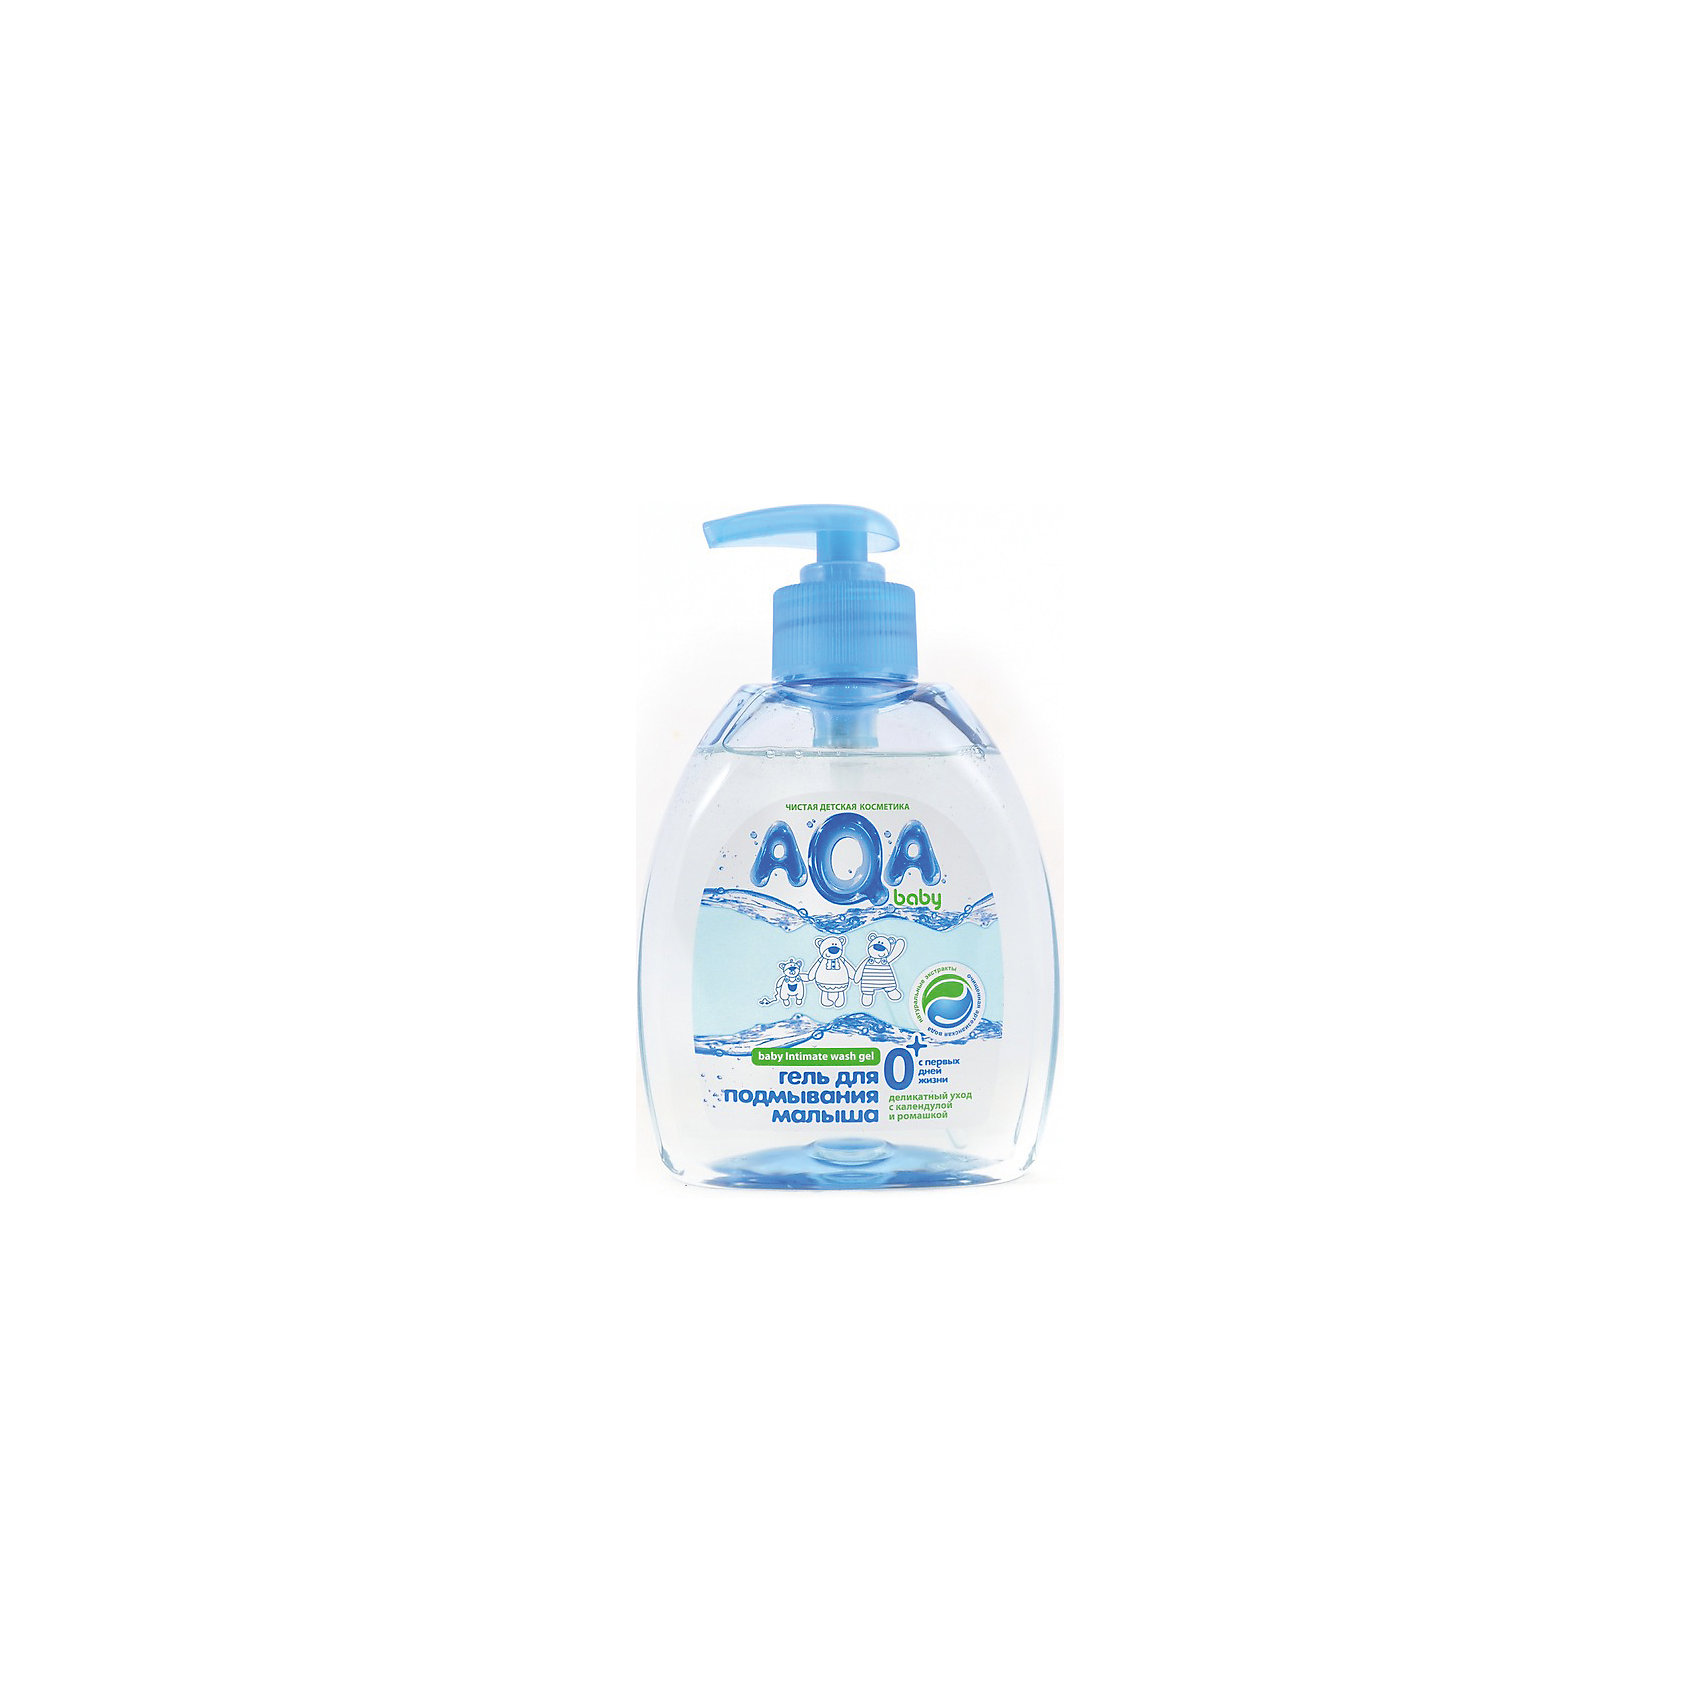 Гель для подмывания малыша, 300 мл., AQA baby